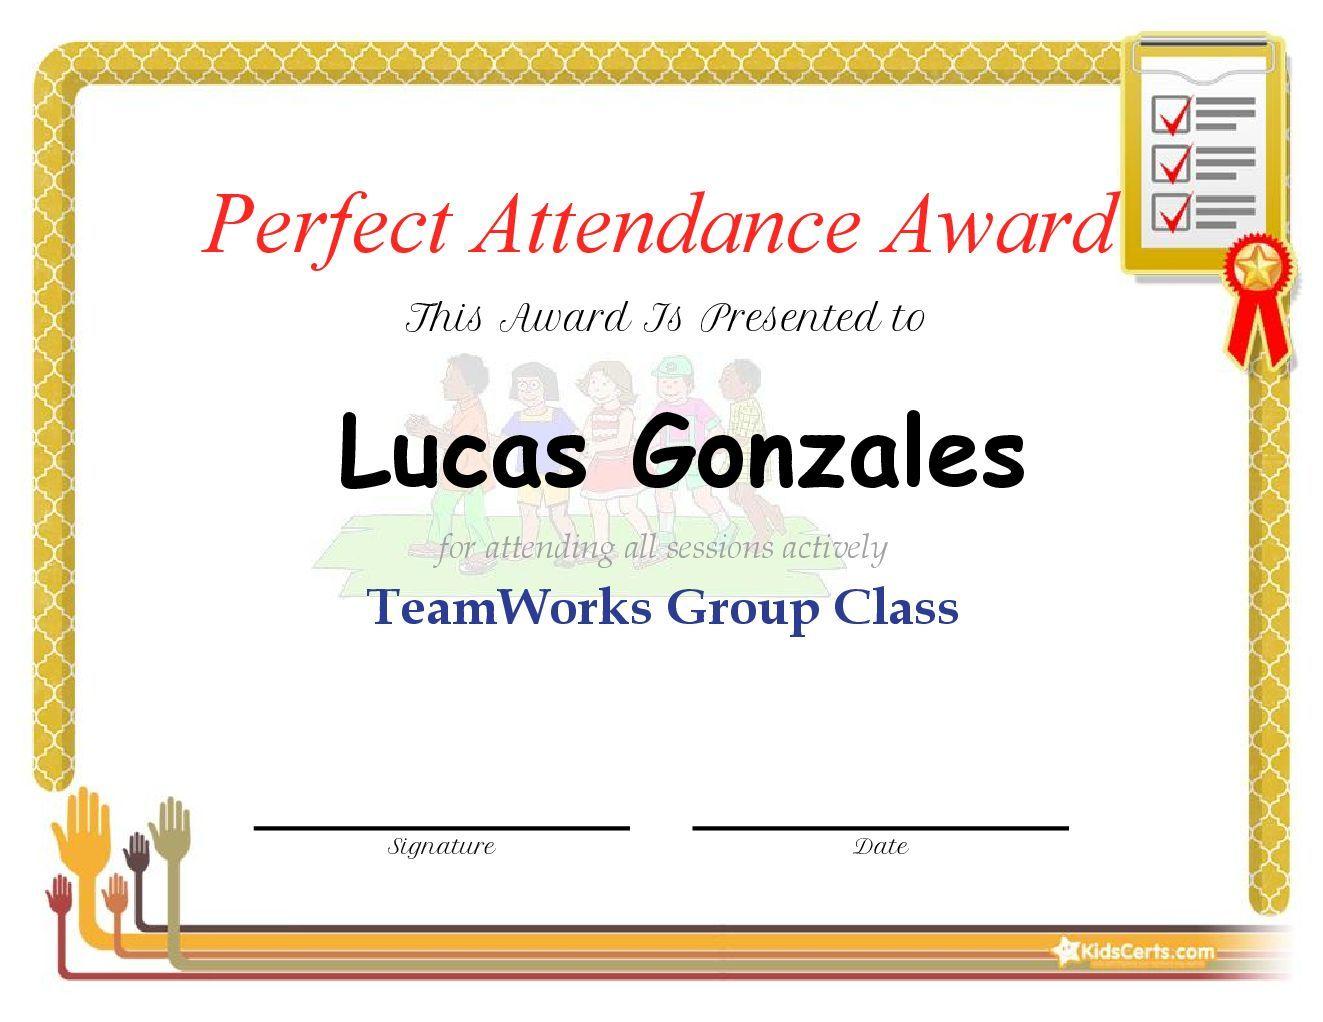 Perfect Attendance Award - TeamWorks Group Class